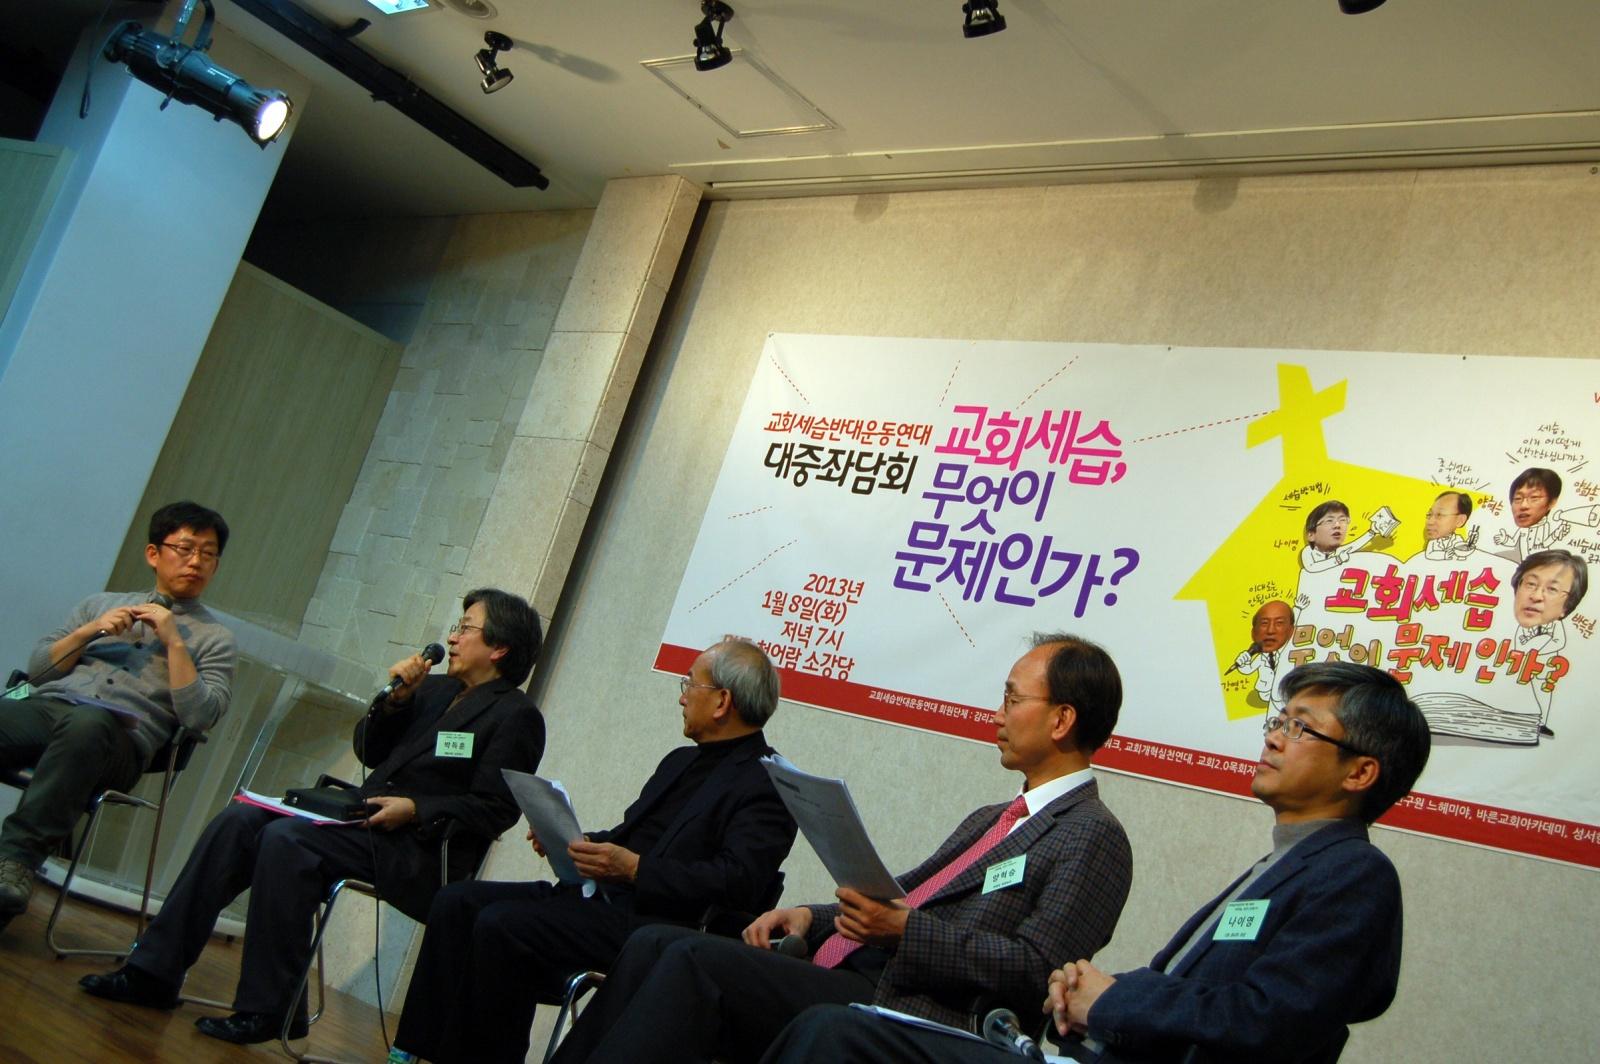 2013-세습반대운동 대중좌담회